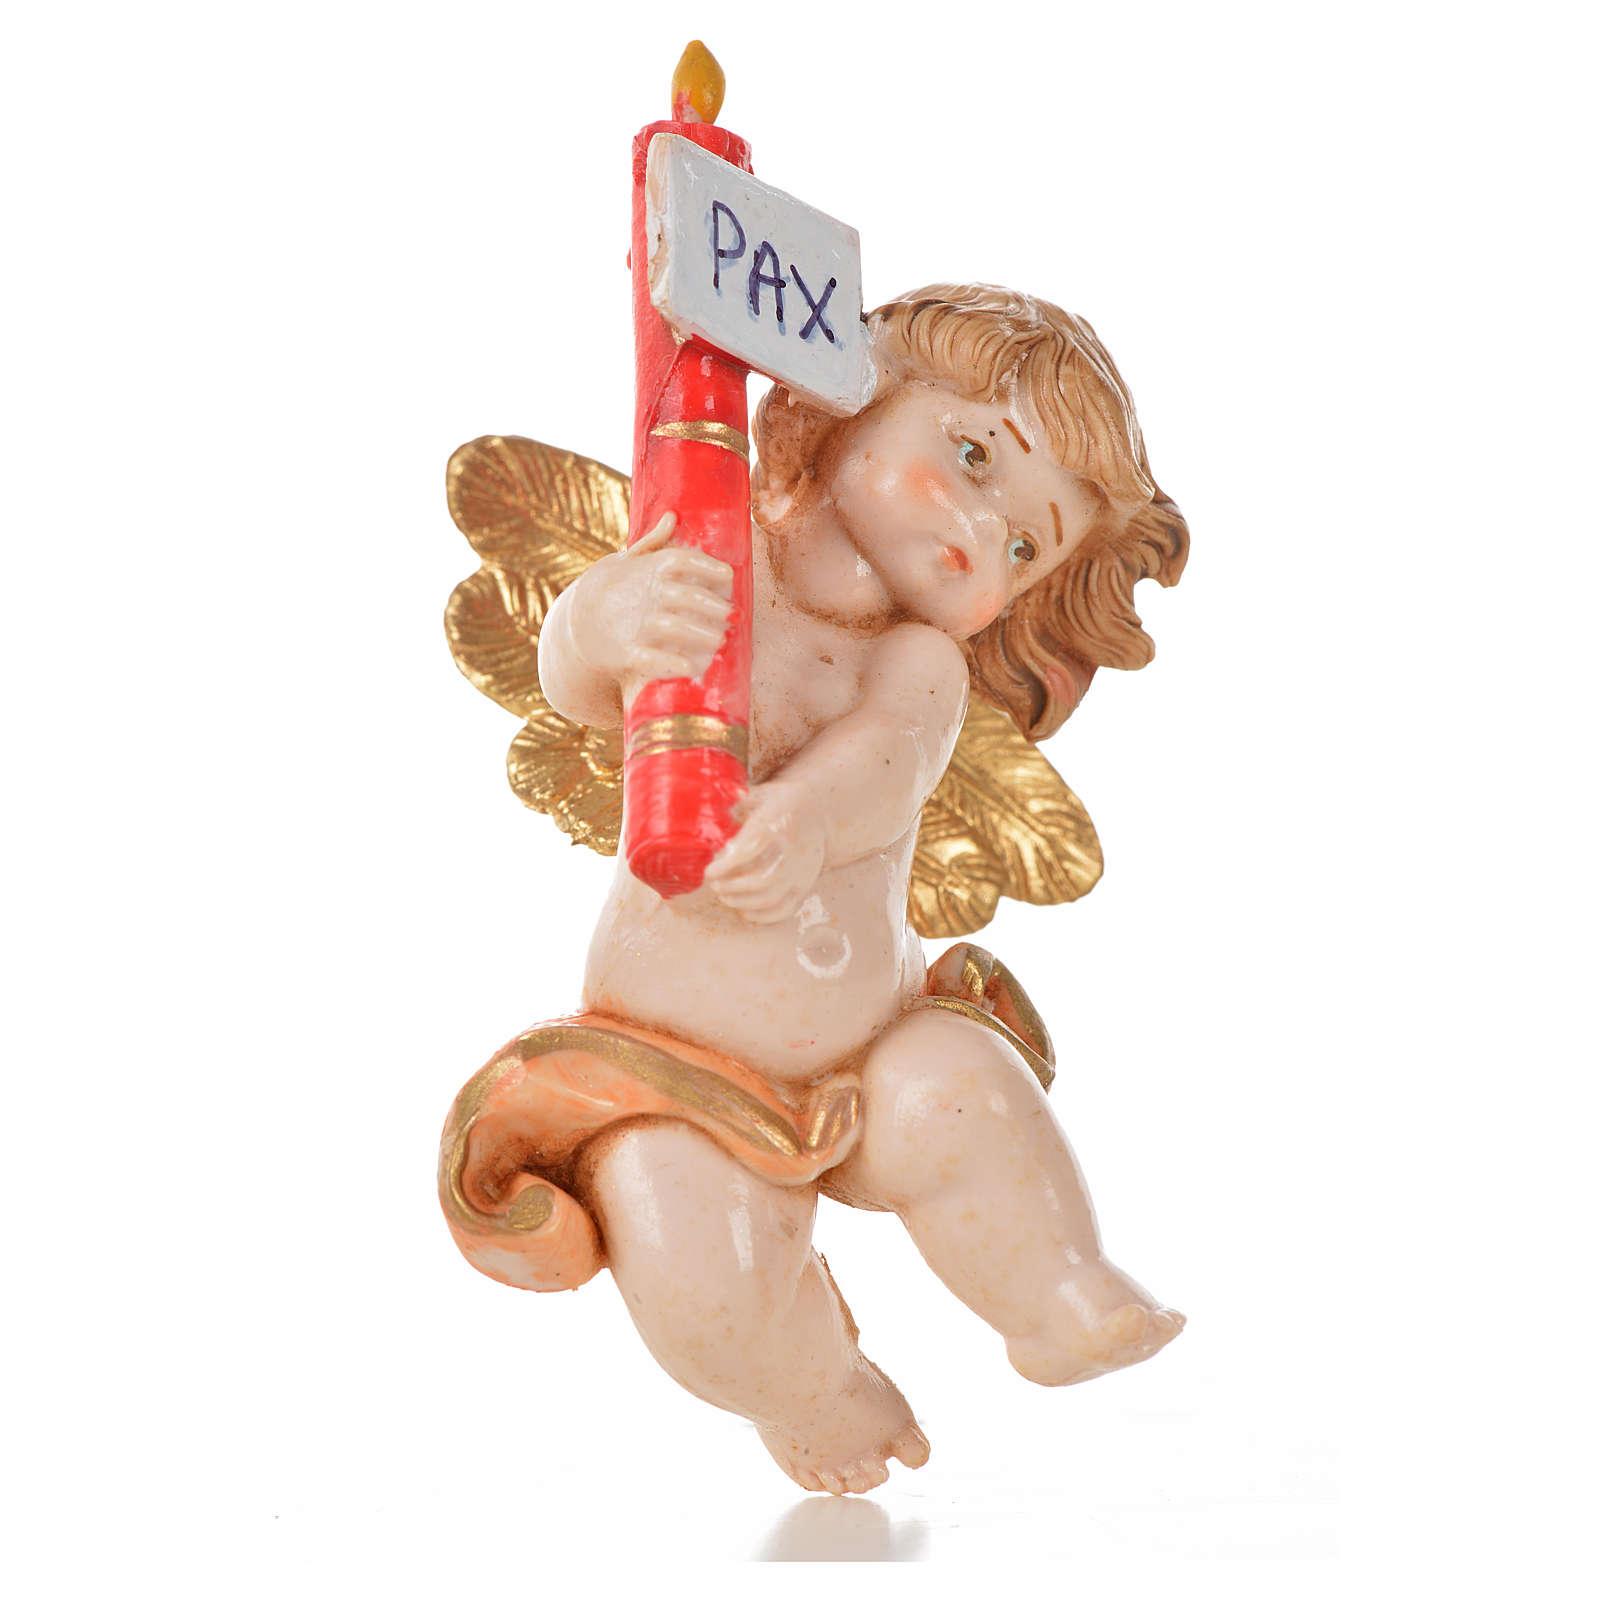 Anioł świeca Pax różowy Fontanini cm 7 typu porcelana 3